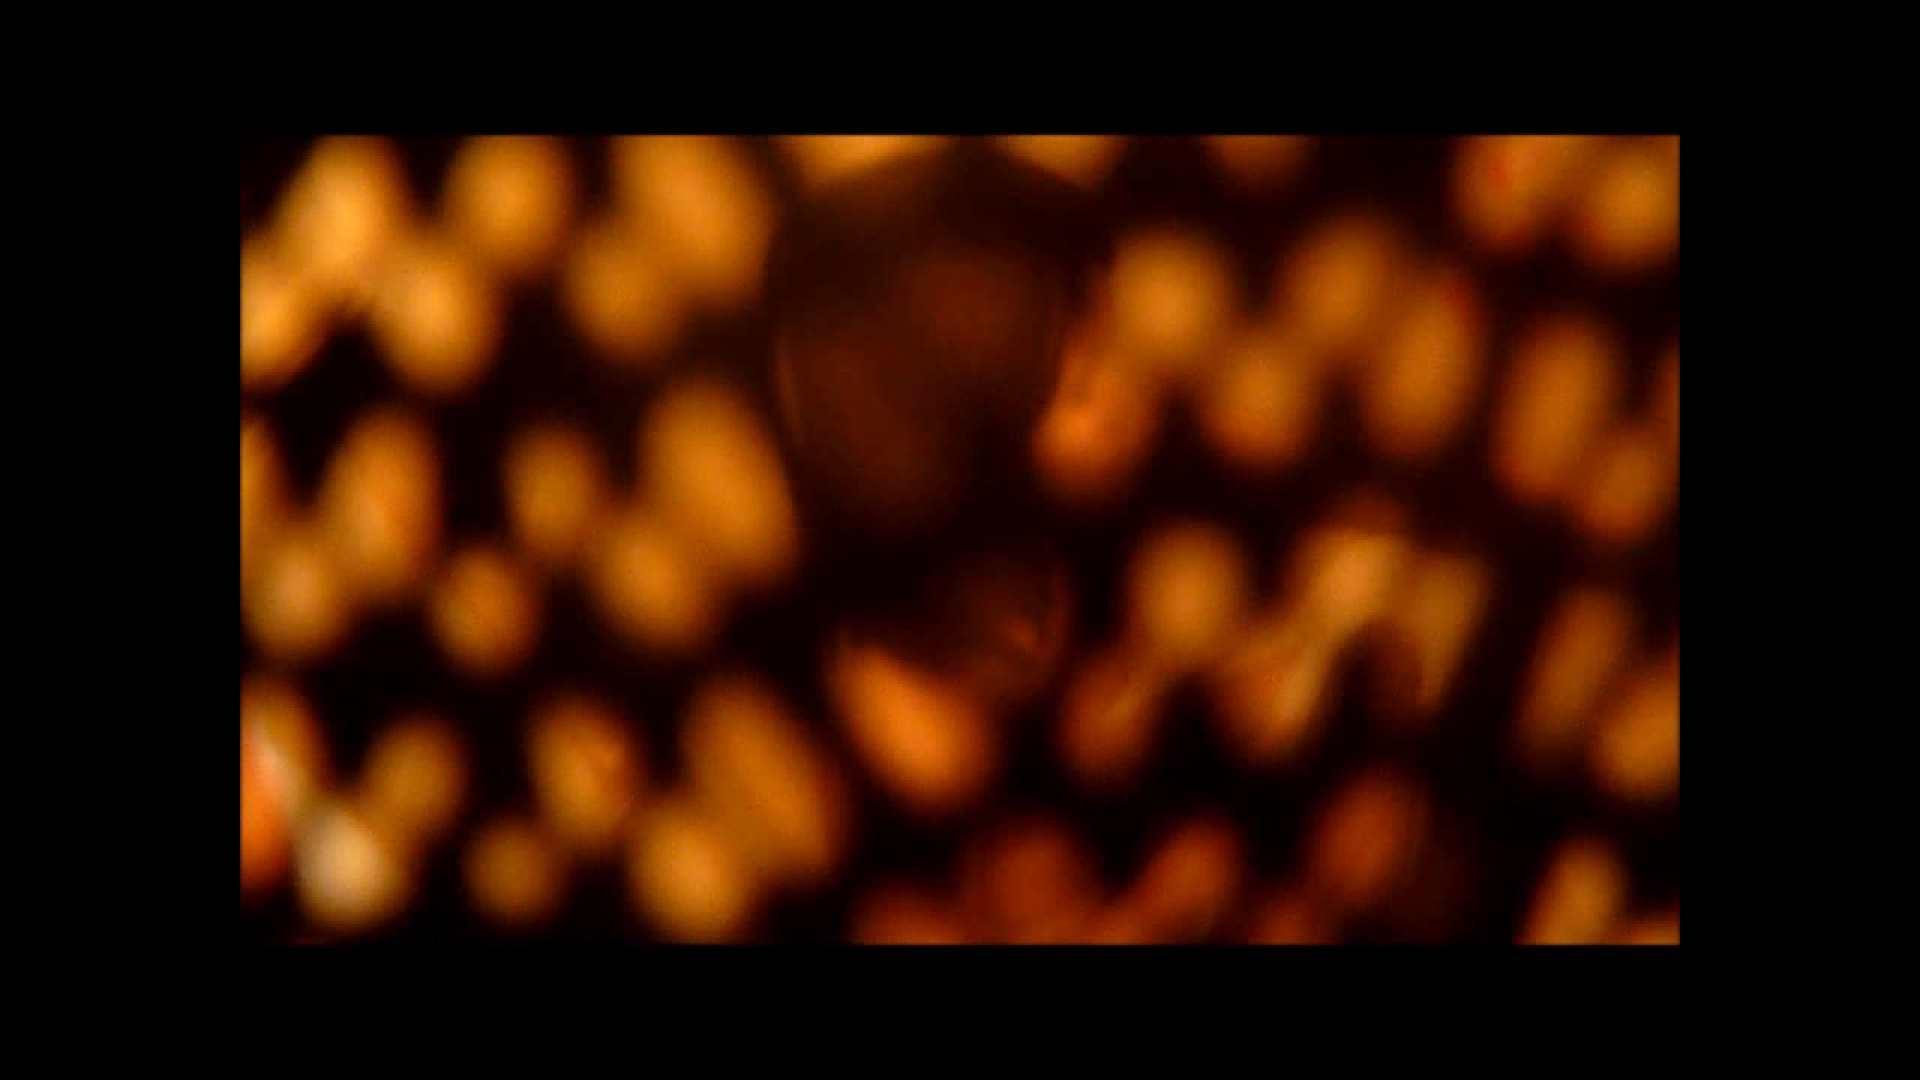 【02】ベランダに侵入して張り込みを始めて・・・やっと結果が出ました。 家宅侵入 | 0  82画像 49